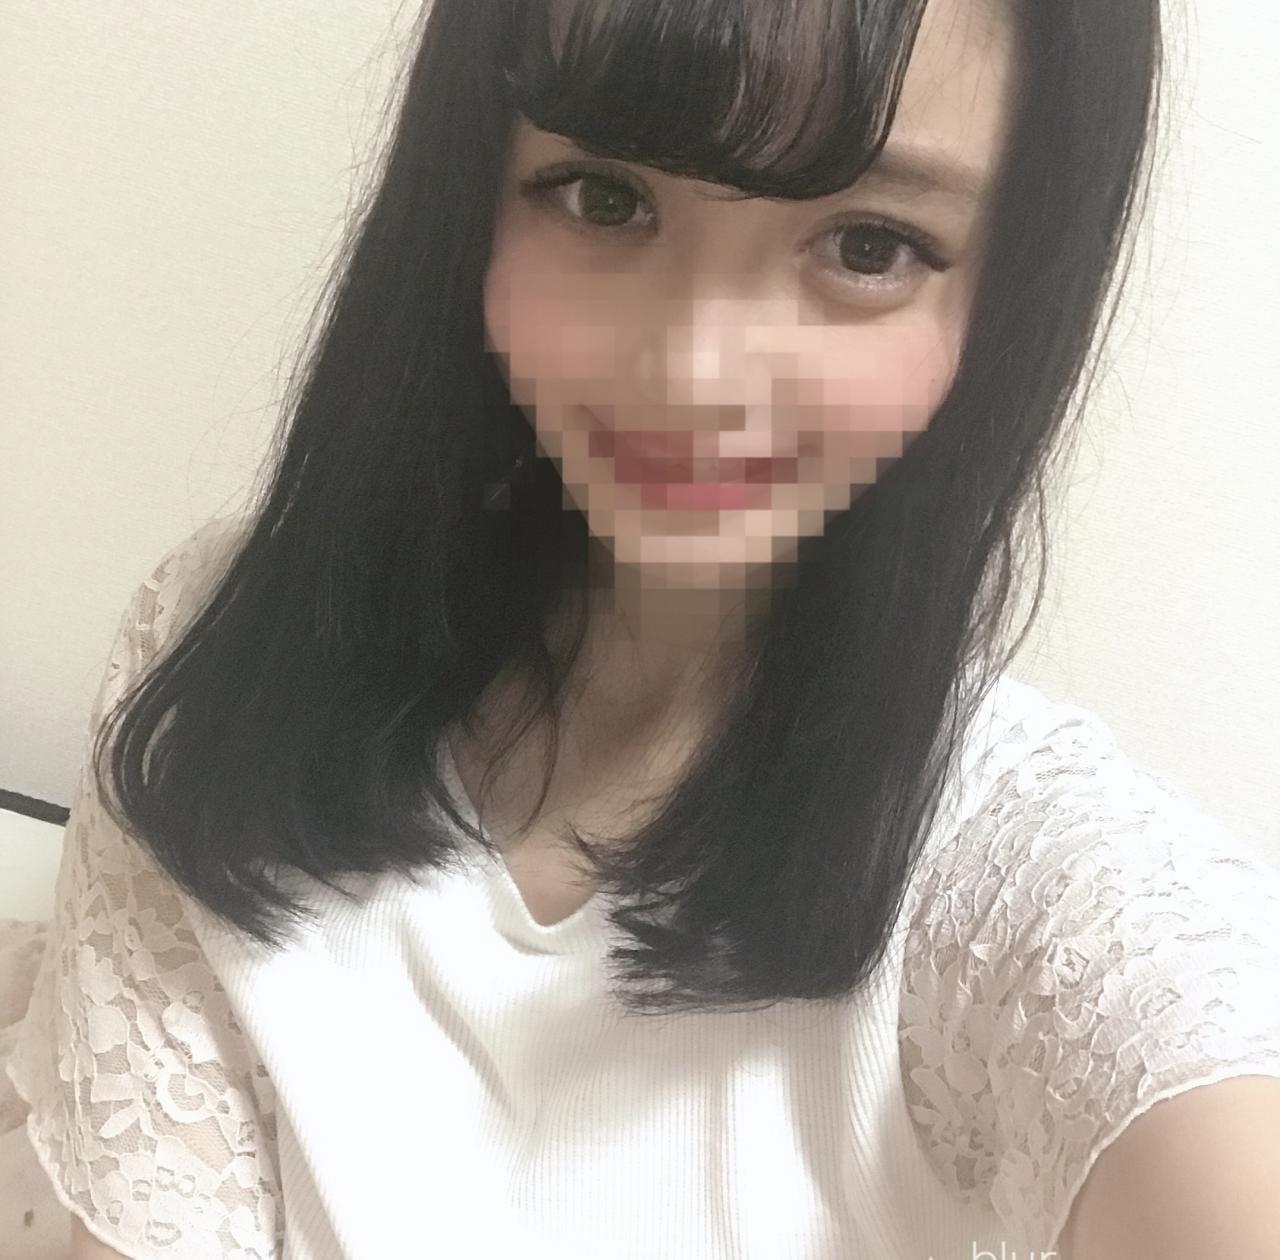 """本日18時まで<img class=""""emojione"""" alt=""""🐰"""" title="""":rabbit:"""" src=""""https://fuzoku.jp/assets/img/emojione/1f430.png""""/>"""